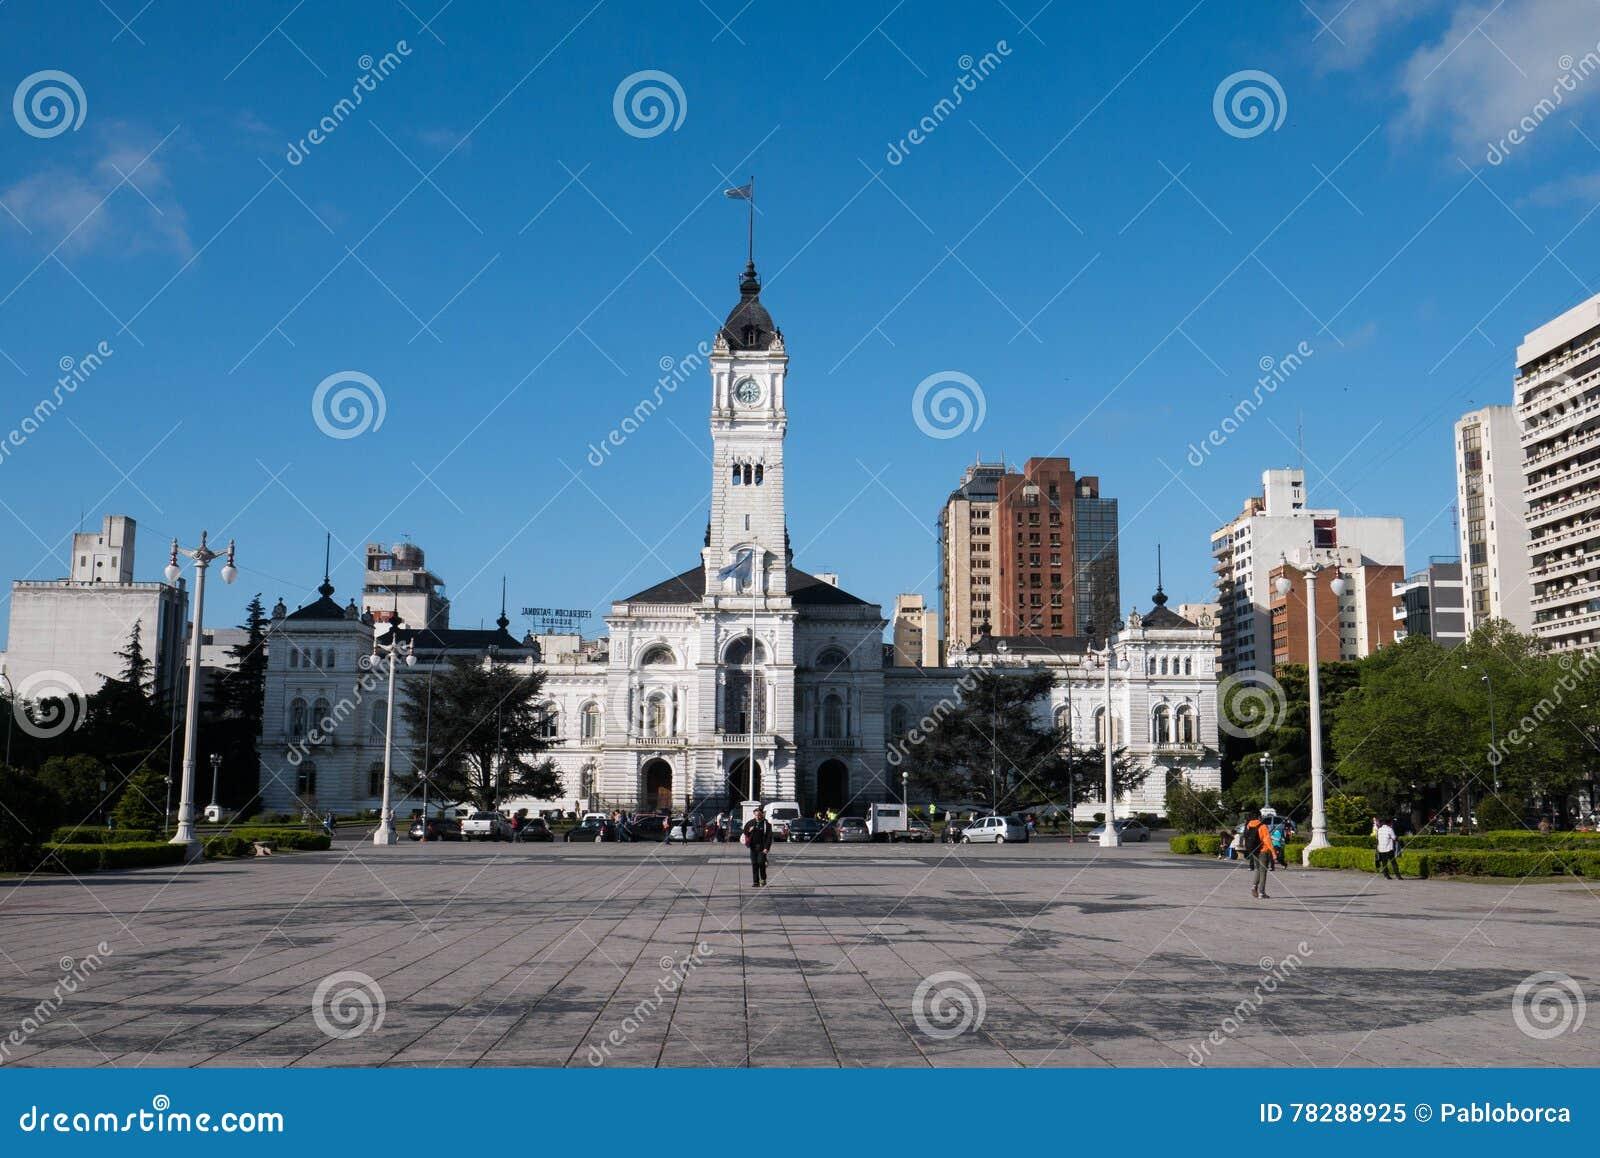 拉普拉塔的自治市